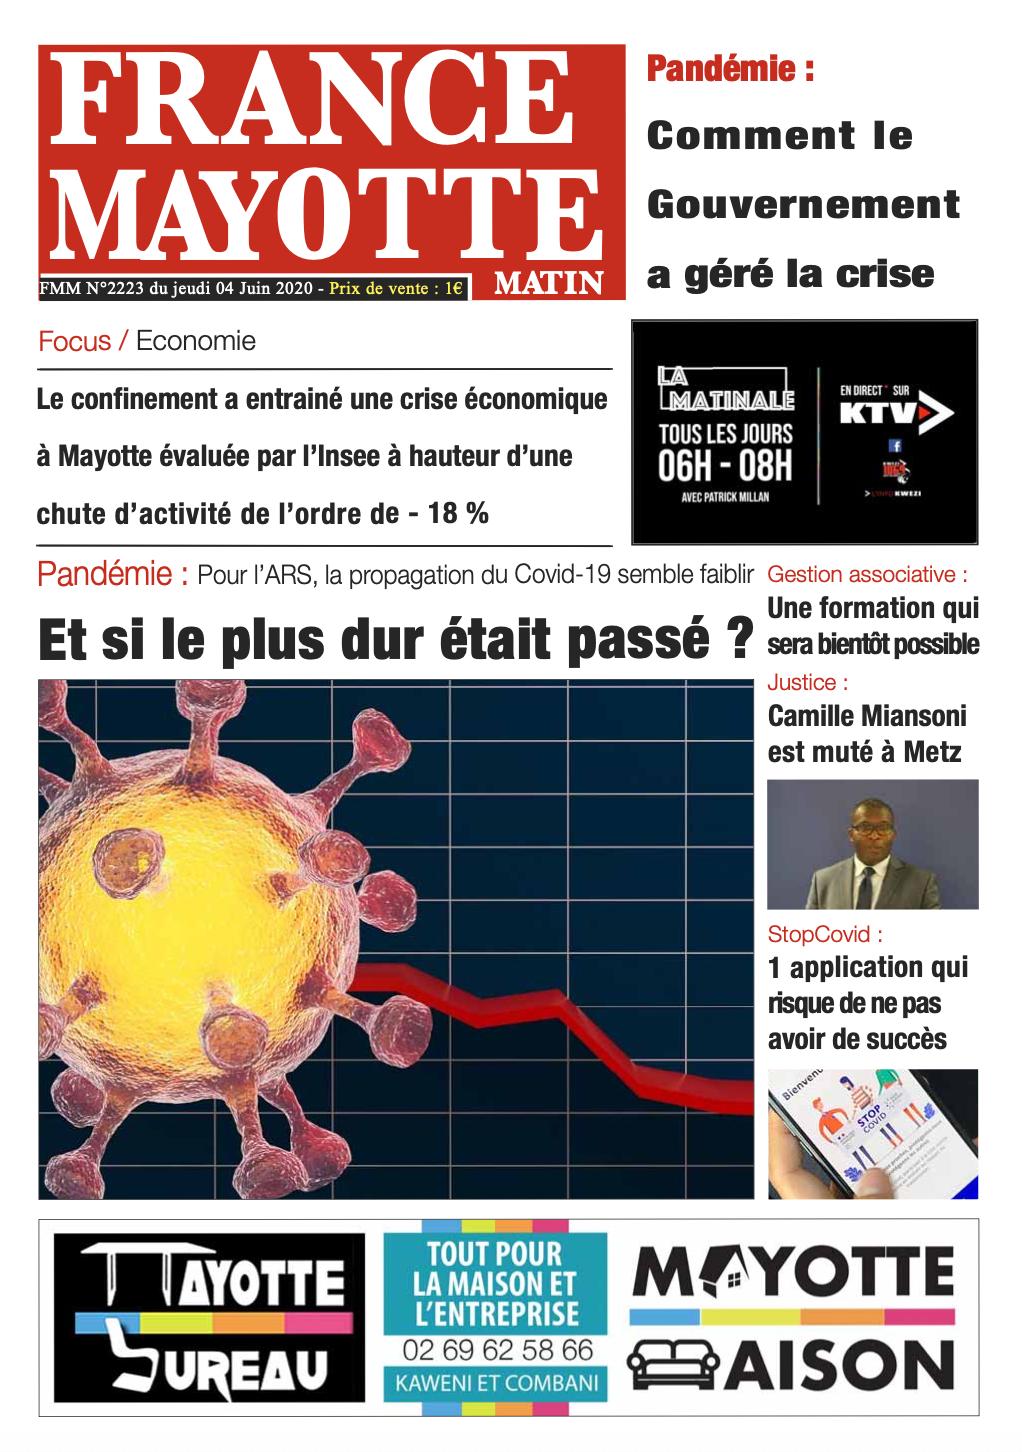 France Mayotte Jeudi 4 juin 2020